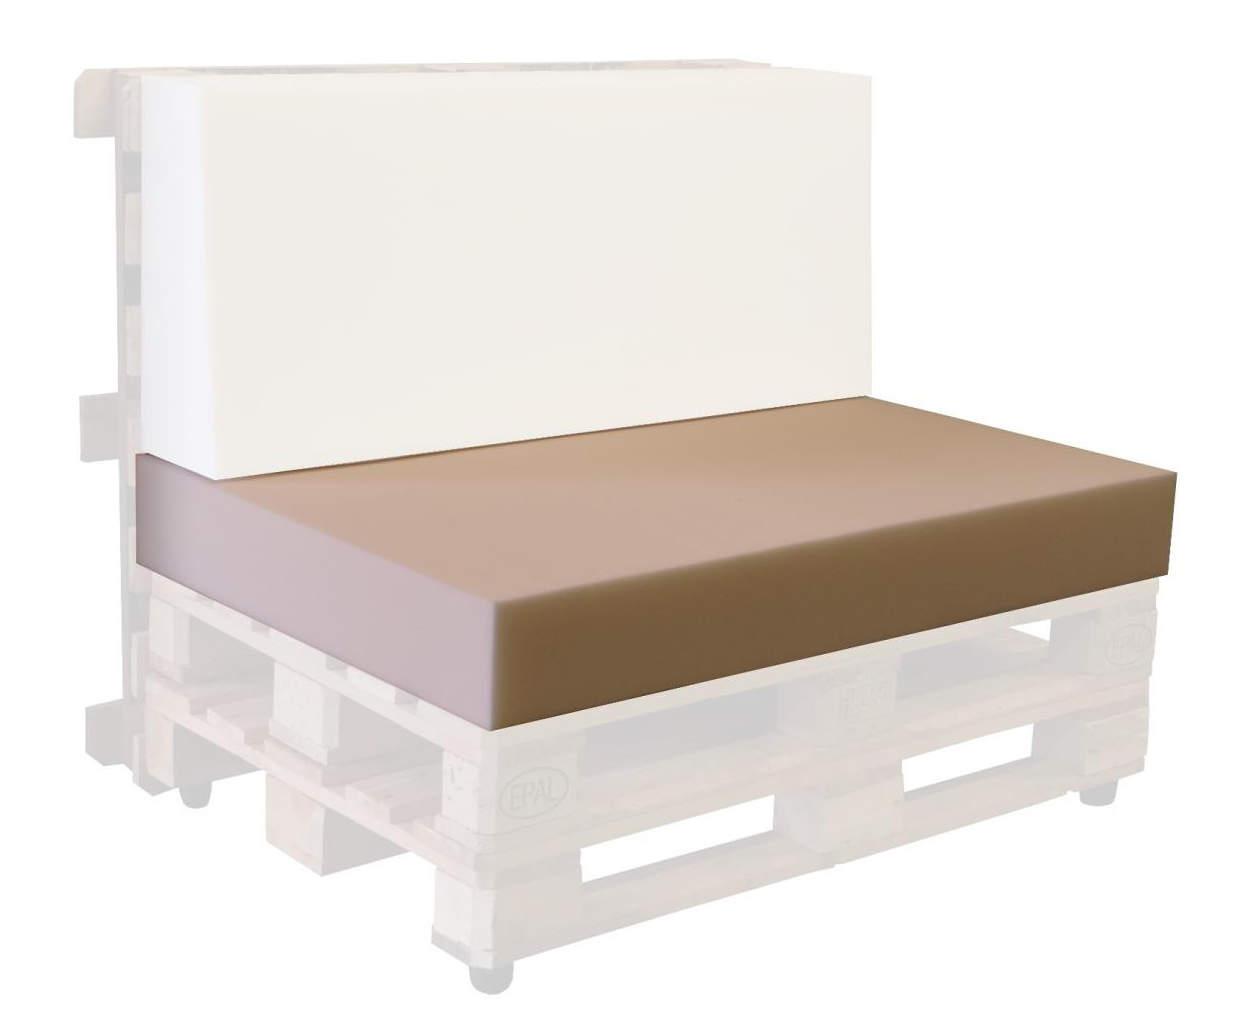 goma espuma sofa palet